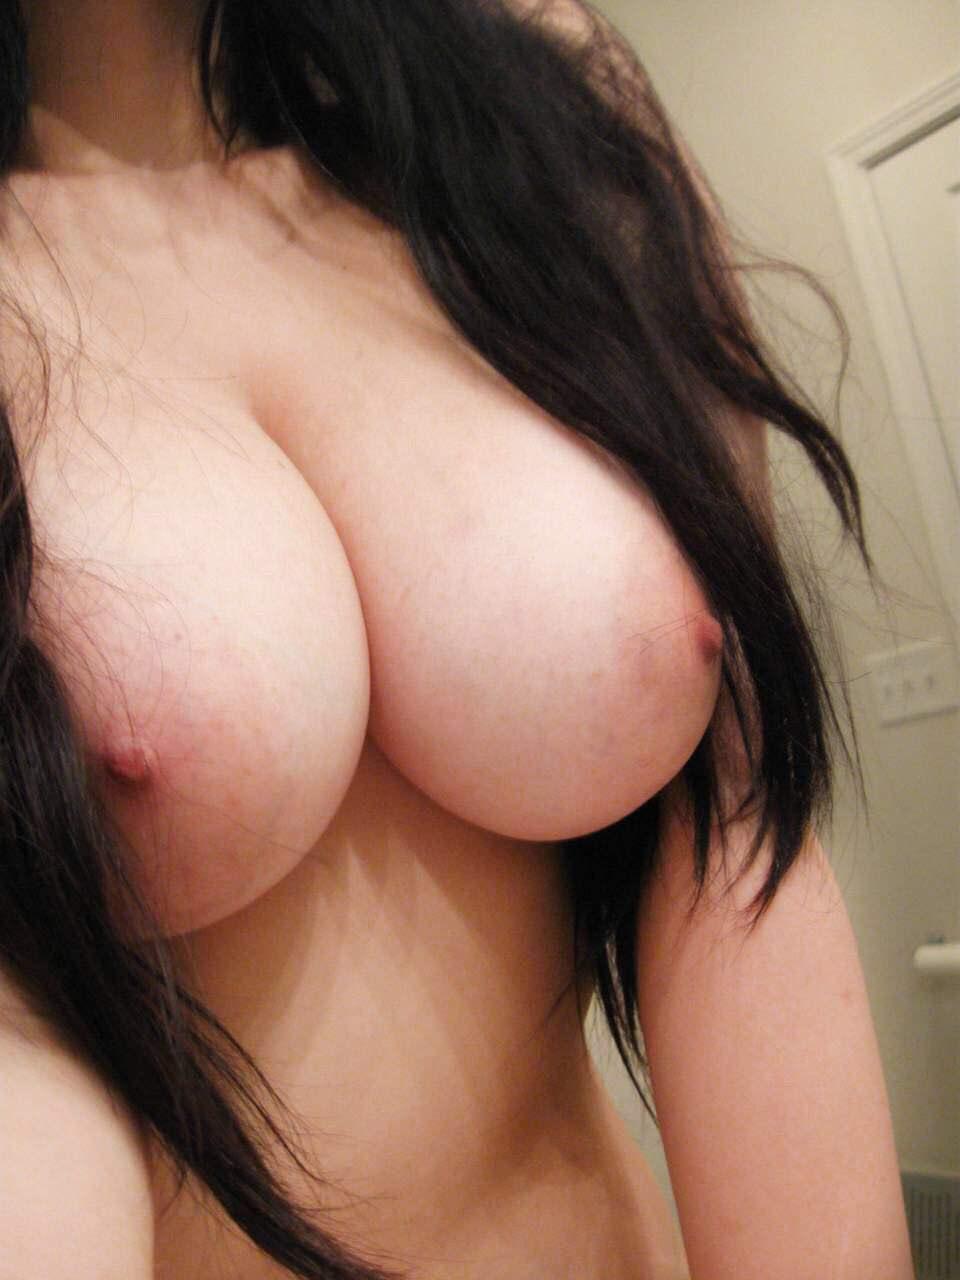 人妻の美味しそうに熟した巨乳おっぱい画像wwwwwwwwwww FZvtwLn